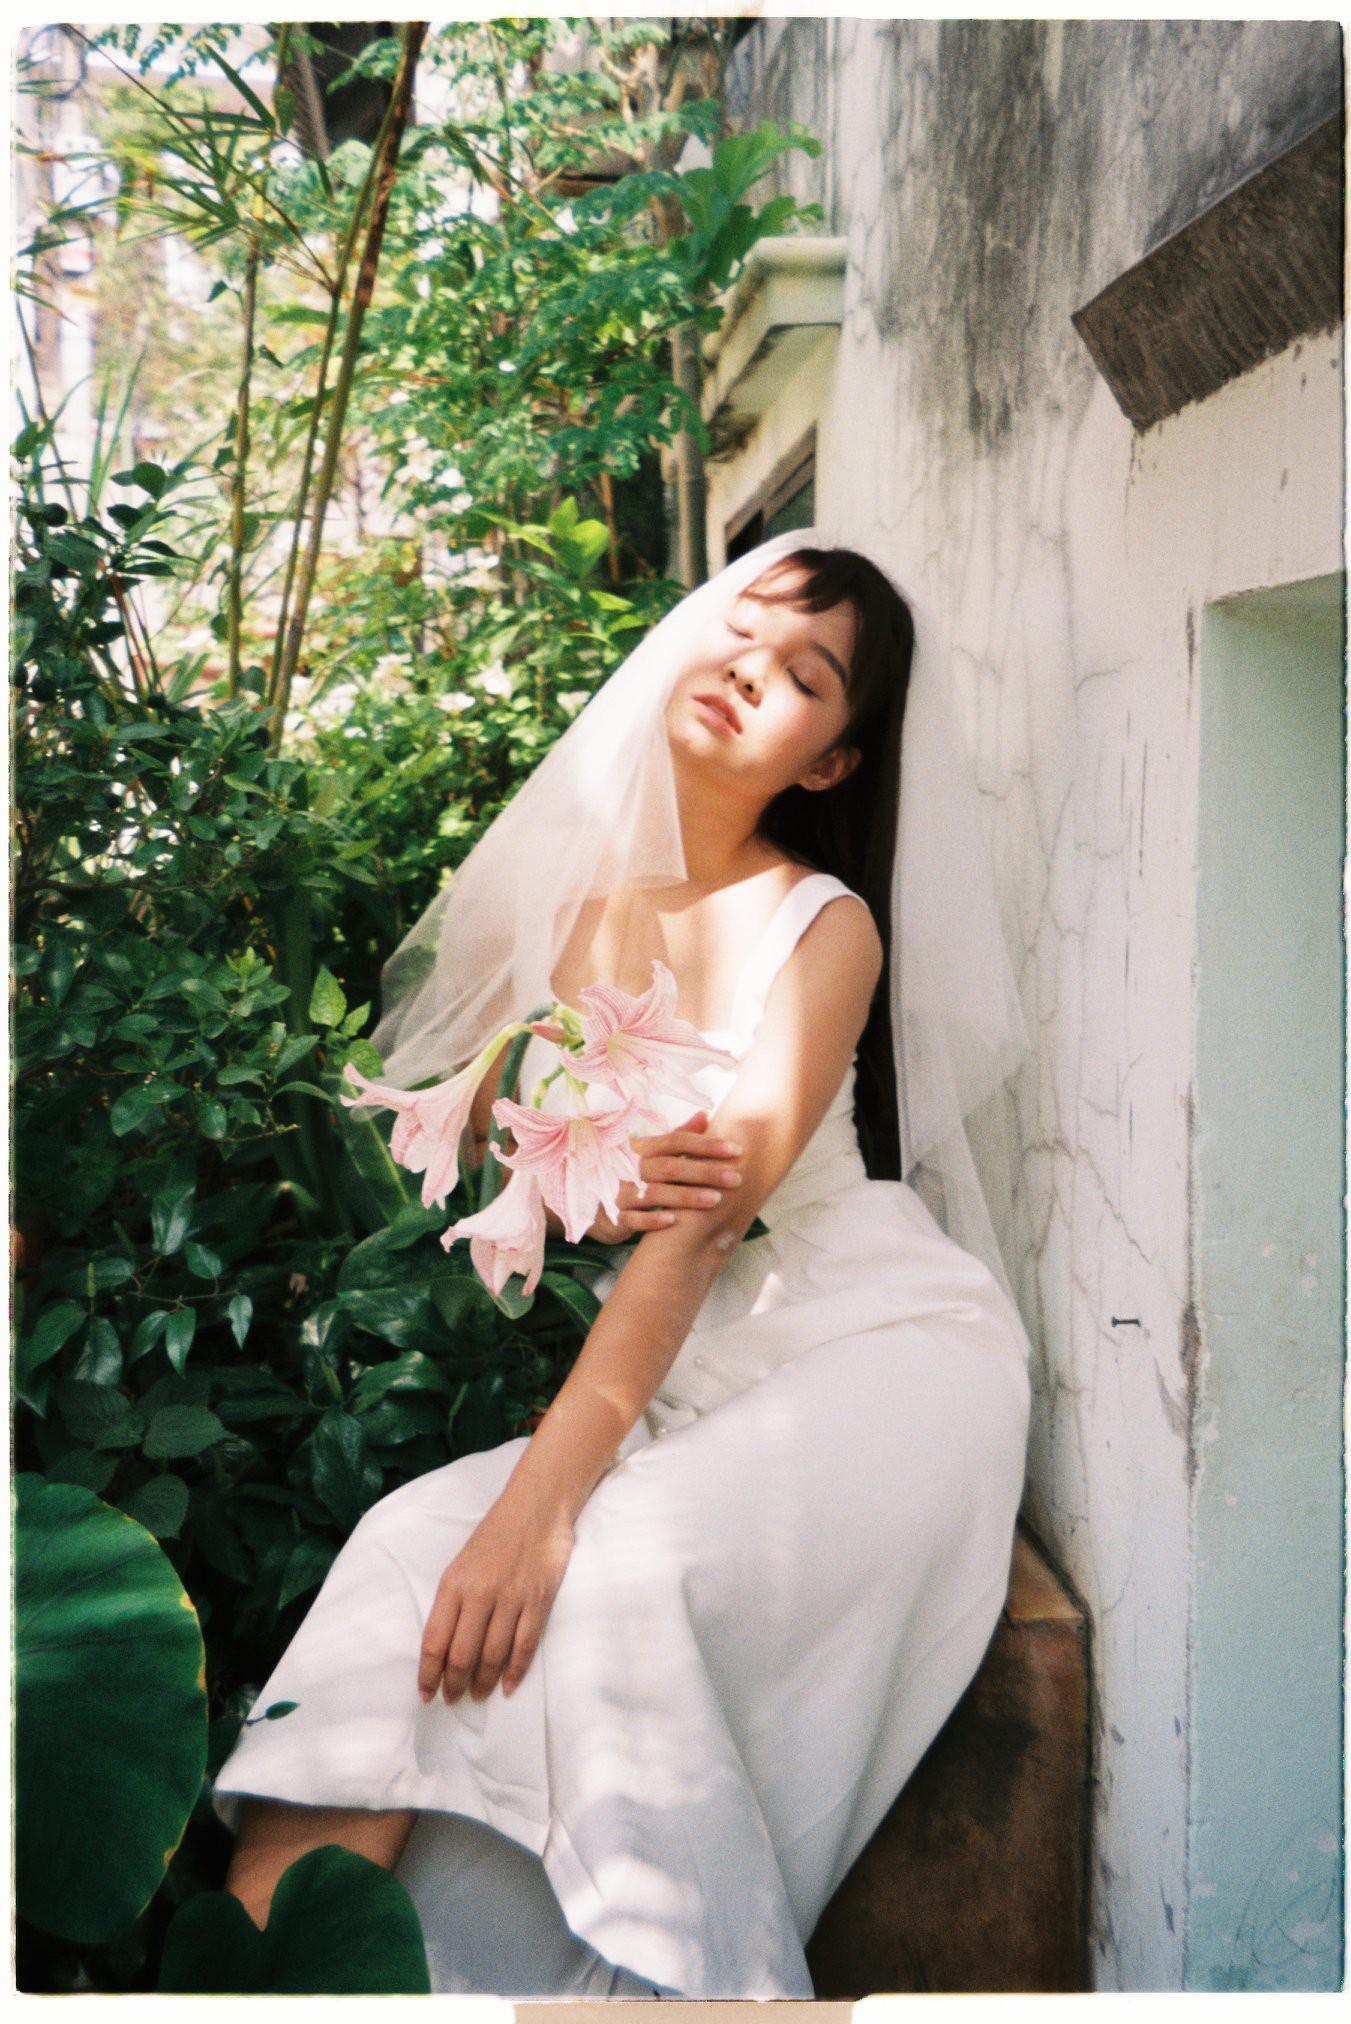 30 phút mượn vườn nhà bác hàng xóm, 9X Việt cho ra bộ ảnh cưới chất như film Hong Kong - Ảnh 8.